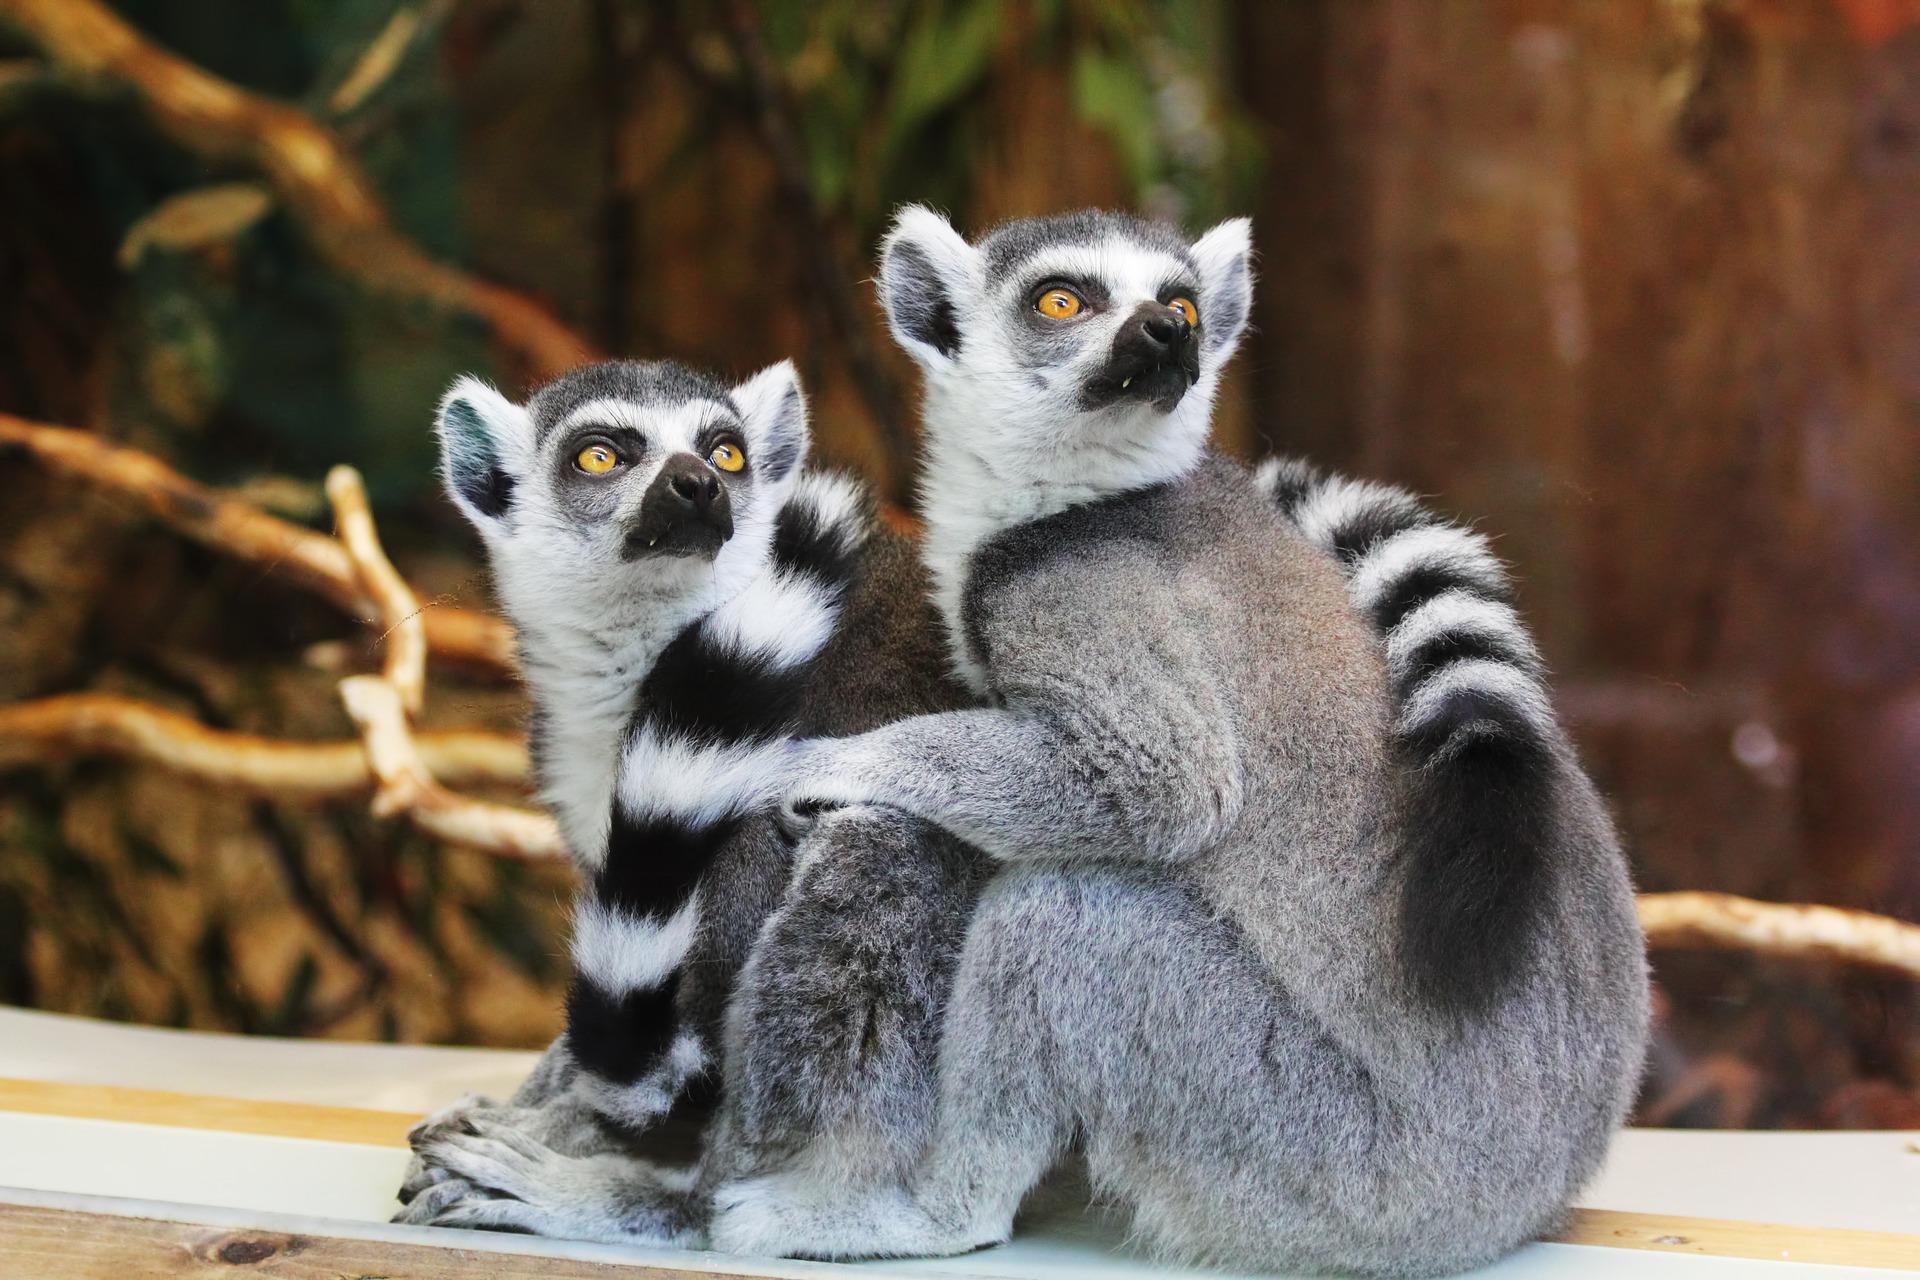 lemure, coppia, coda, reticolato, viso, stupore - Sfondi HD - Professor-falken.com